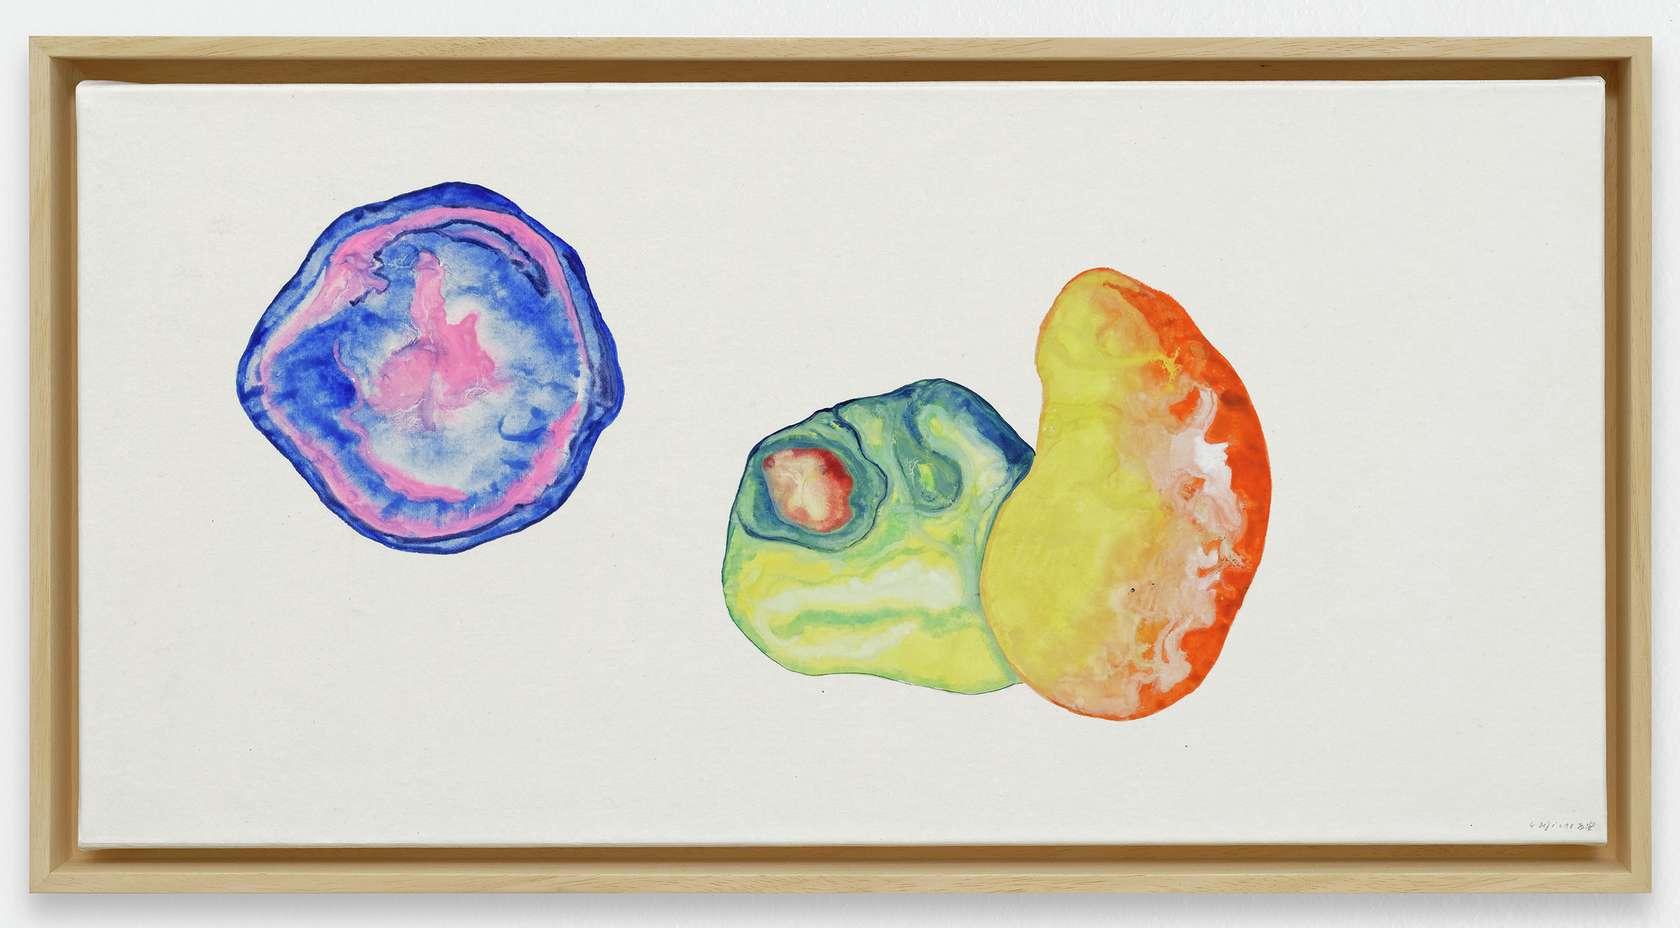 Guillaume Dégé, Un grain de moutarde, 2019 Gouache sur papier chinois marouflé sur toile32.5 × 65 cm / 12 6/8 × 25 5/8 in.